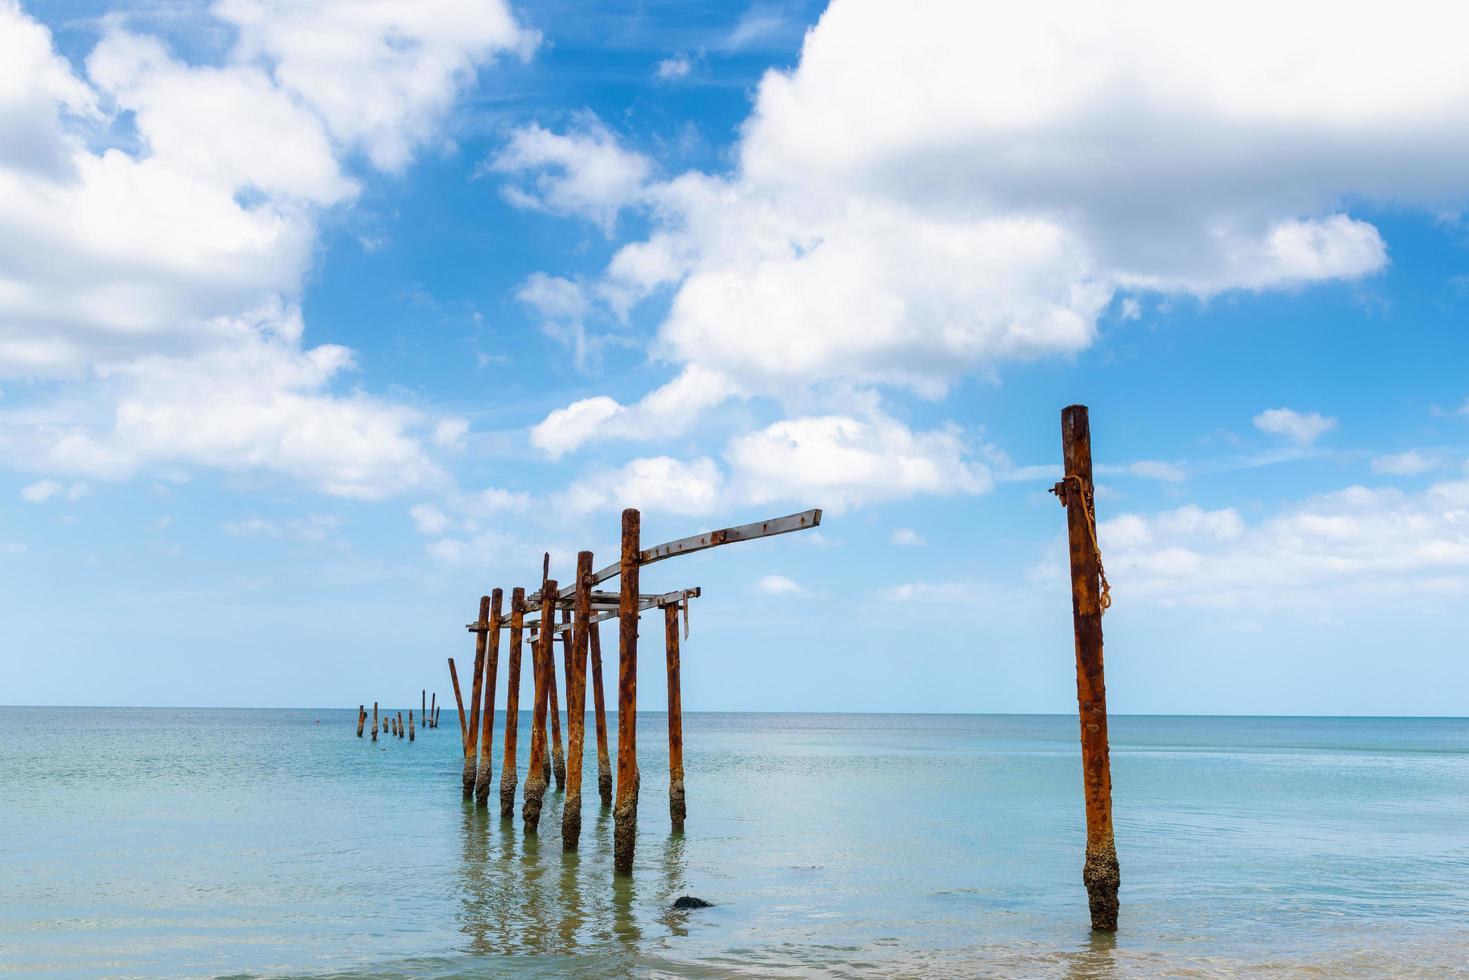 Ancienne structure de pont dans l'eau photo